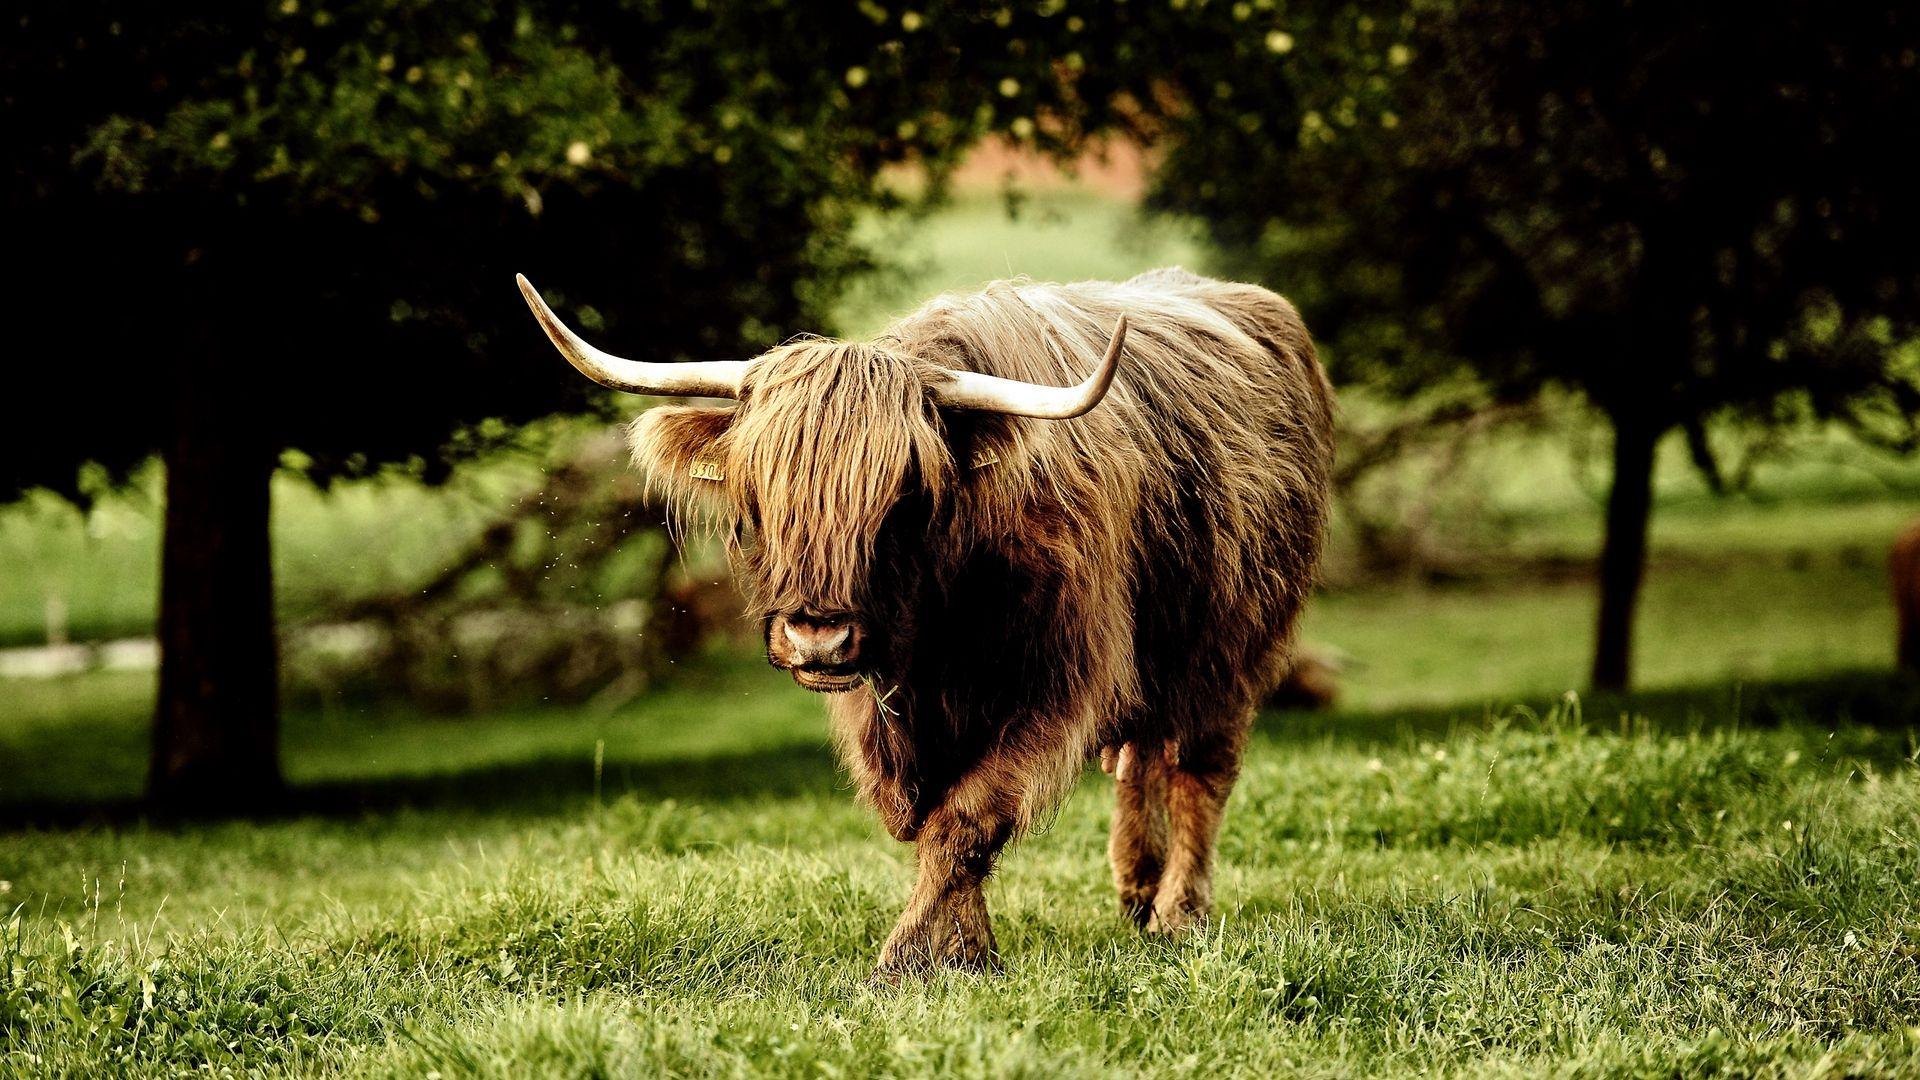 The Animal Yak And Buffalo